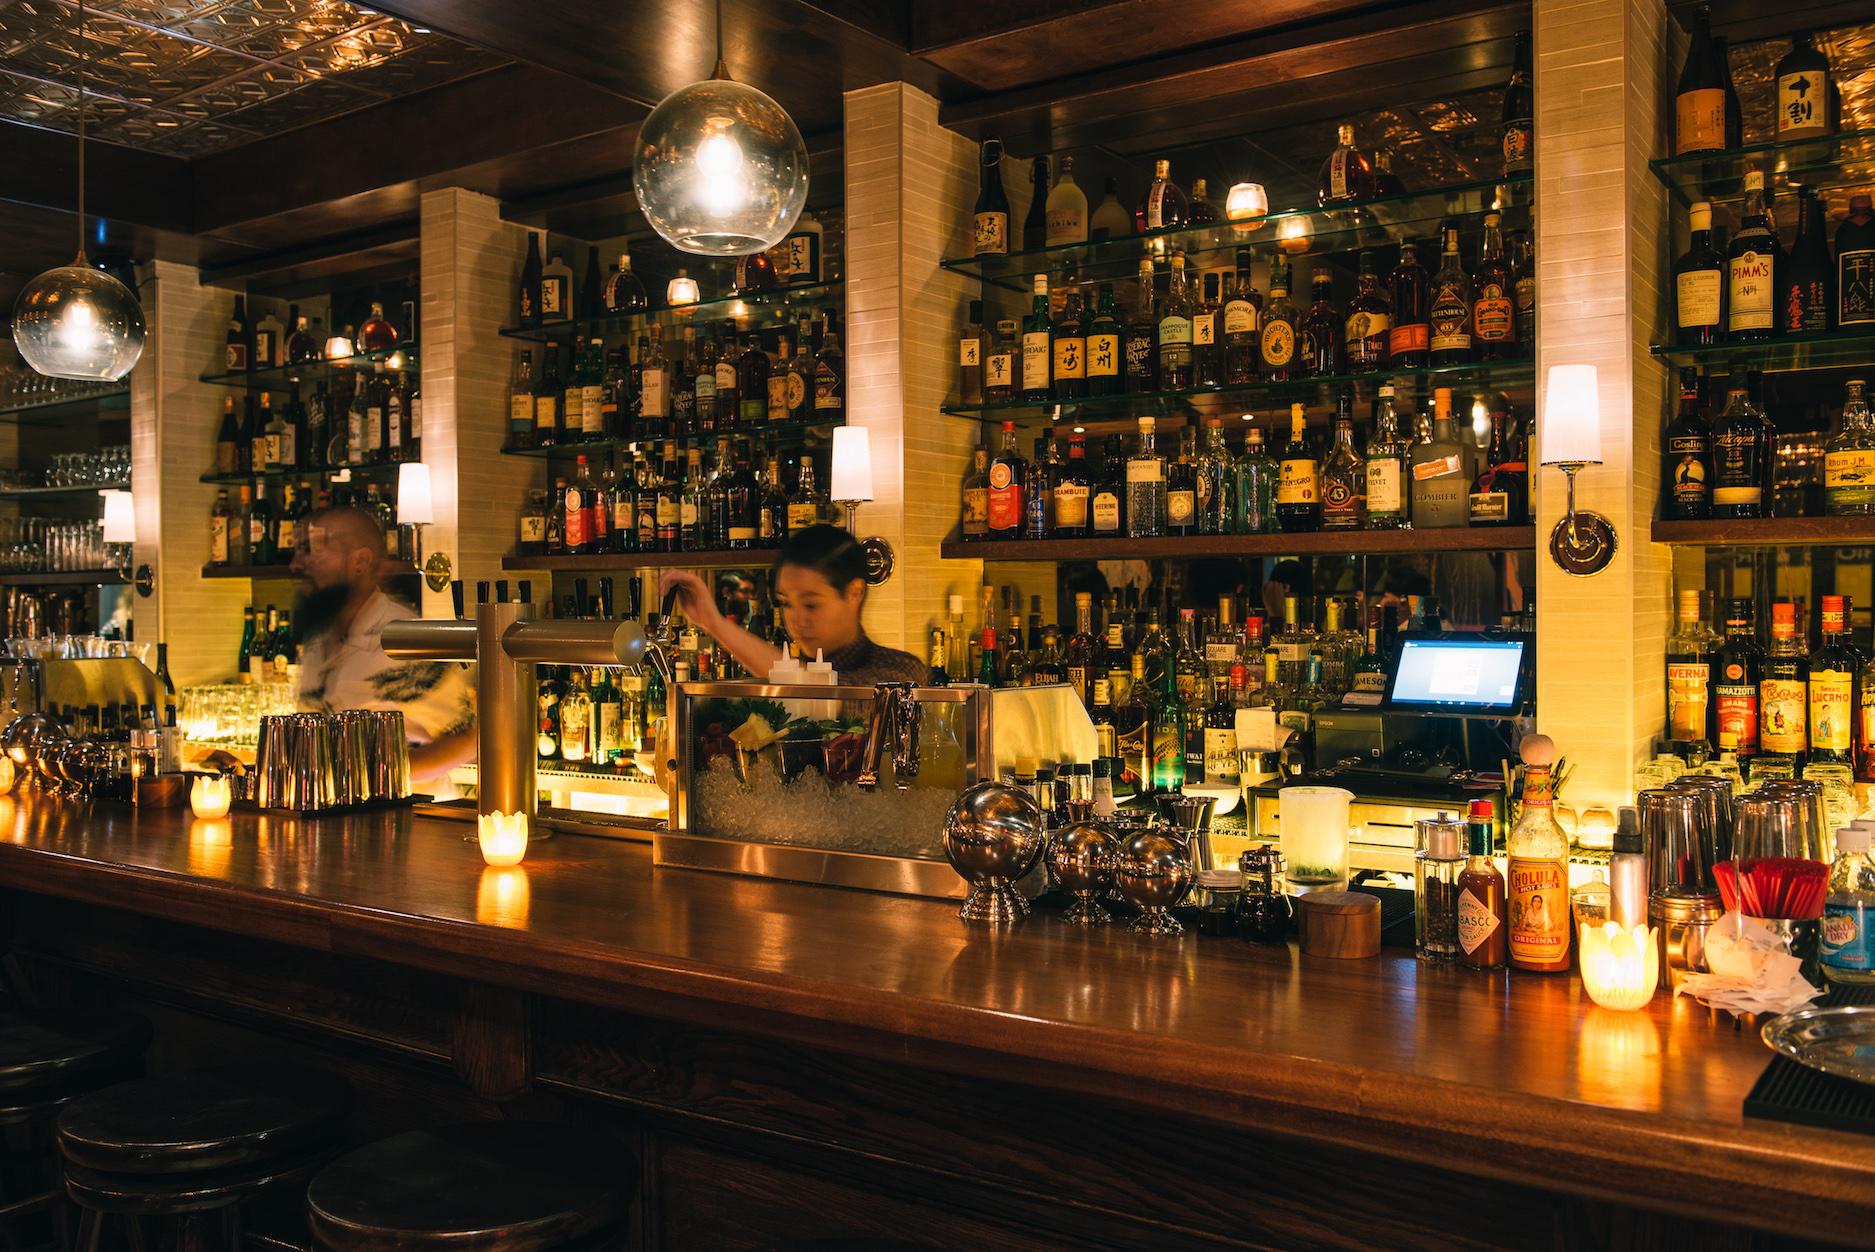 Moga Bar 3 Day Monk-29.jpeg